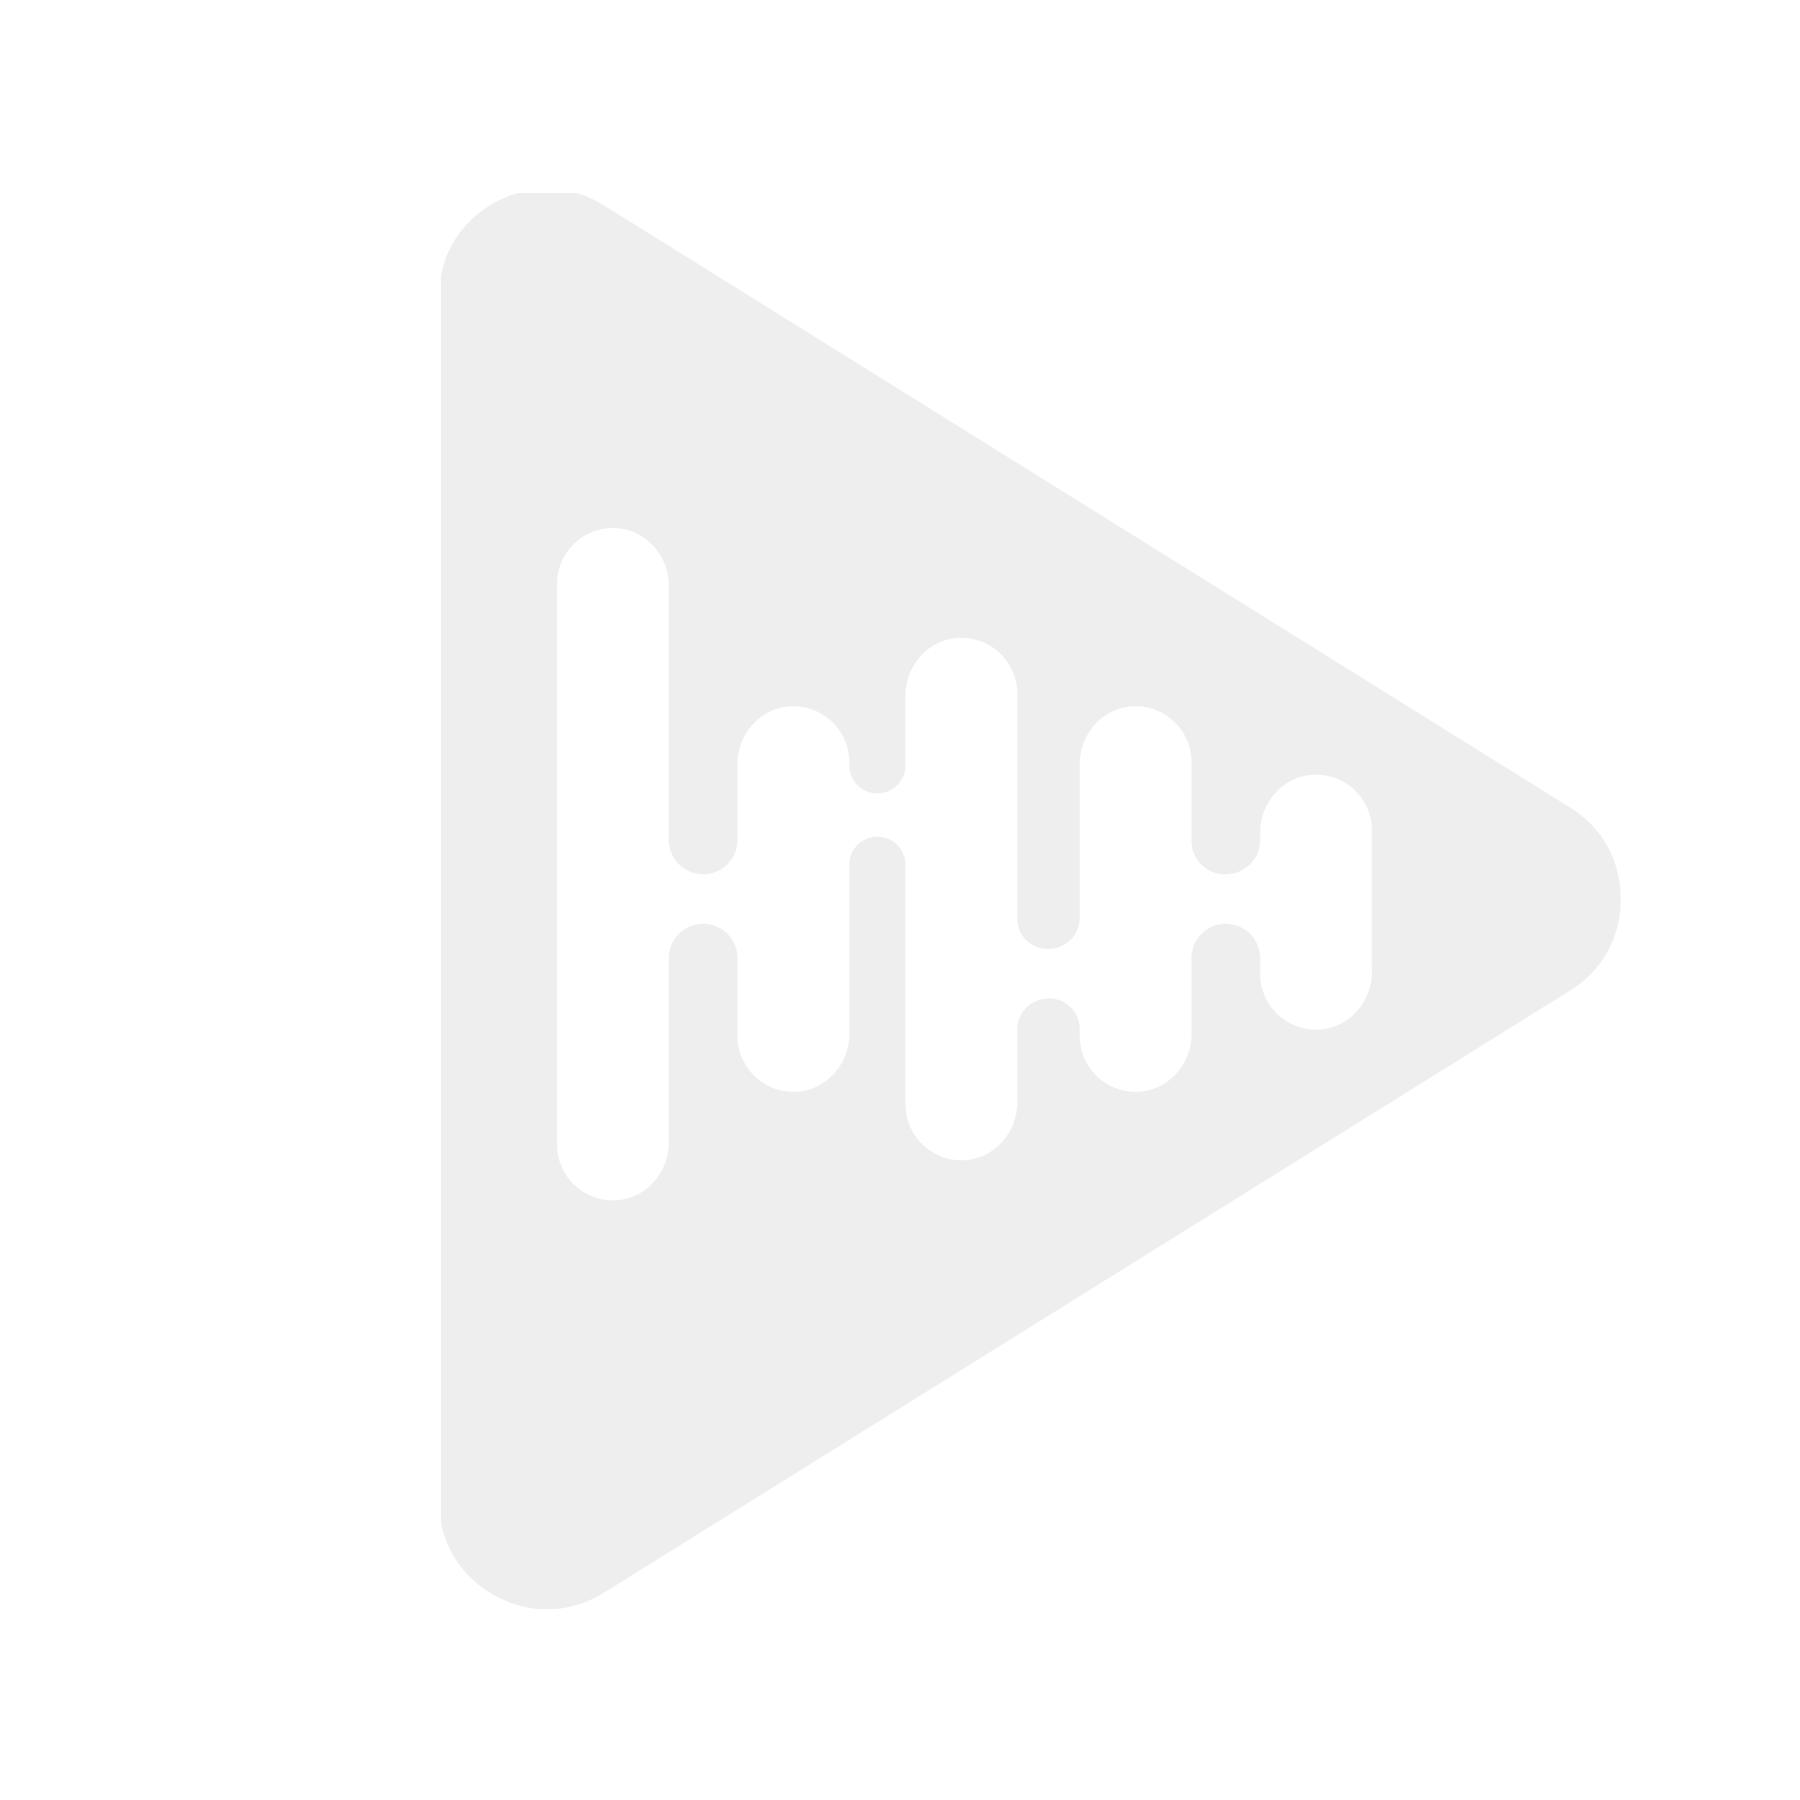 Hertz Hi-Energy KIT PLASTIC GASKET 250 - Pyntelist til HX250.5/D